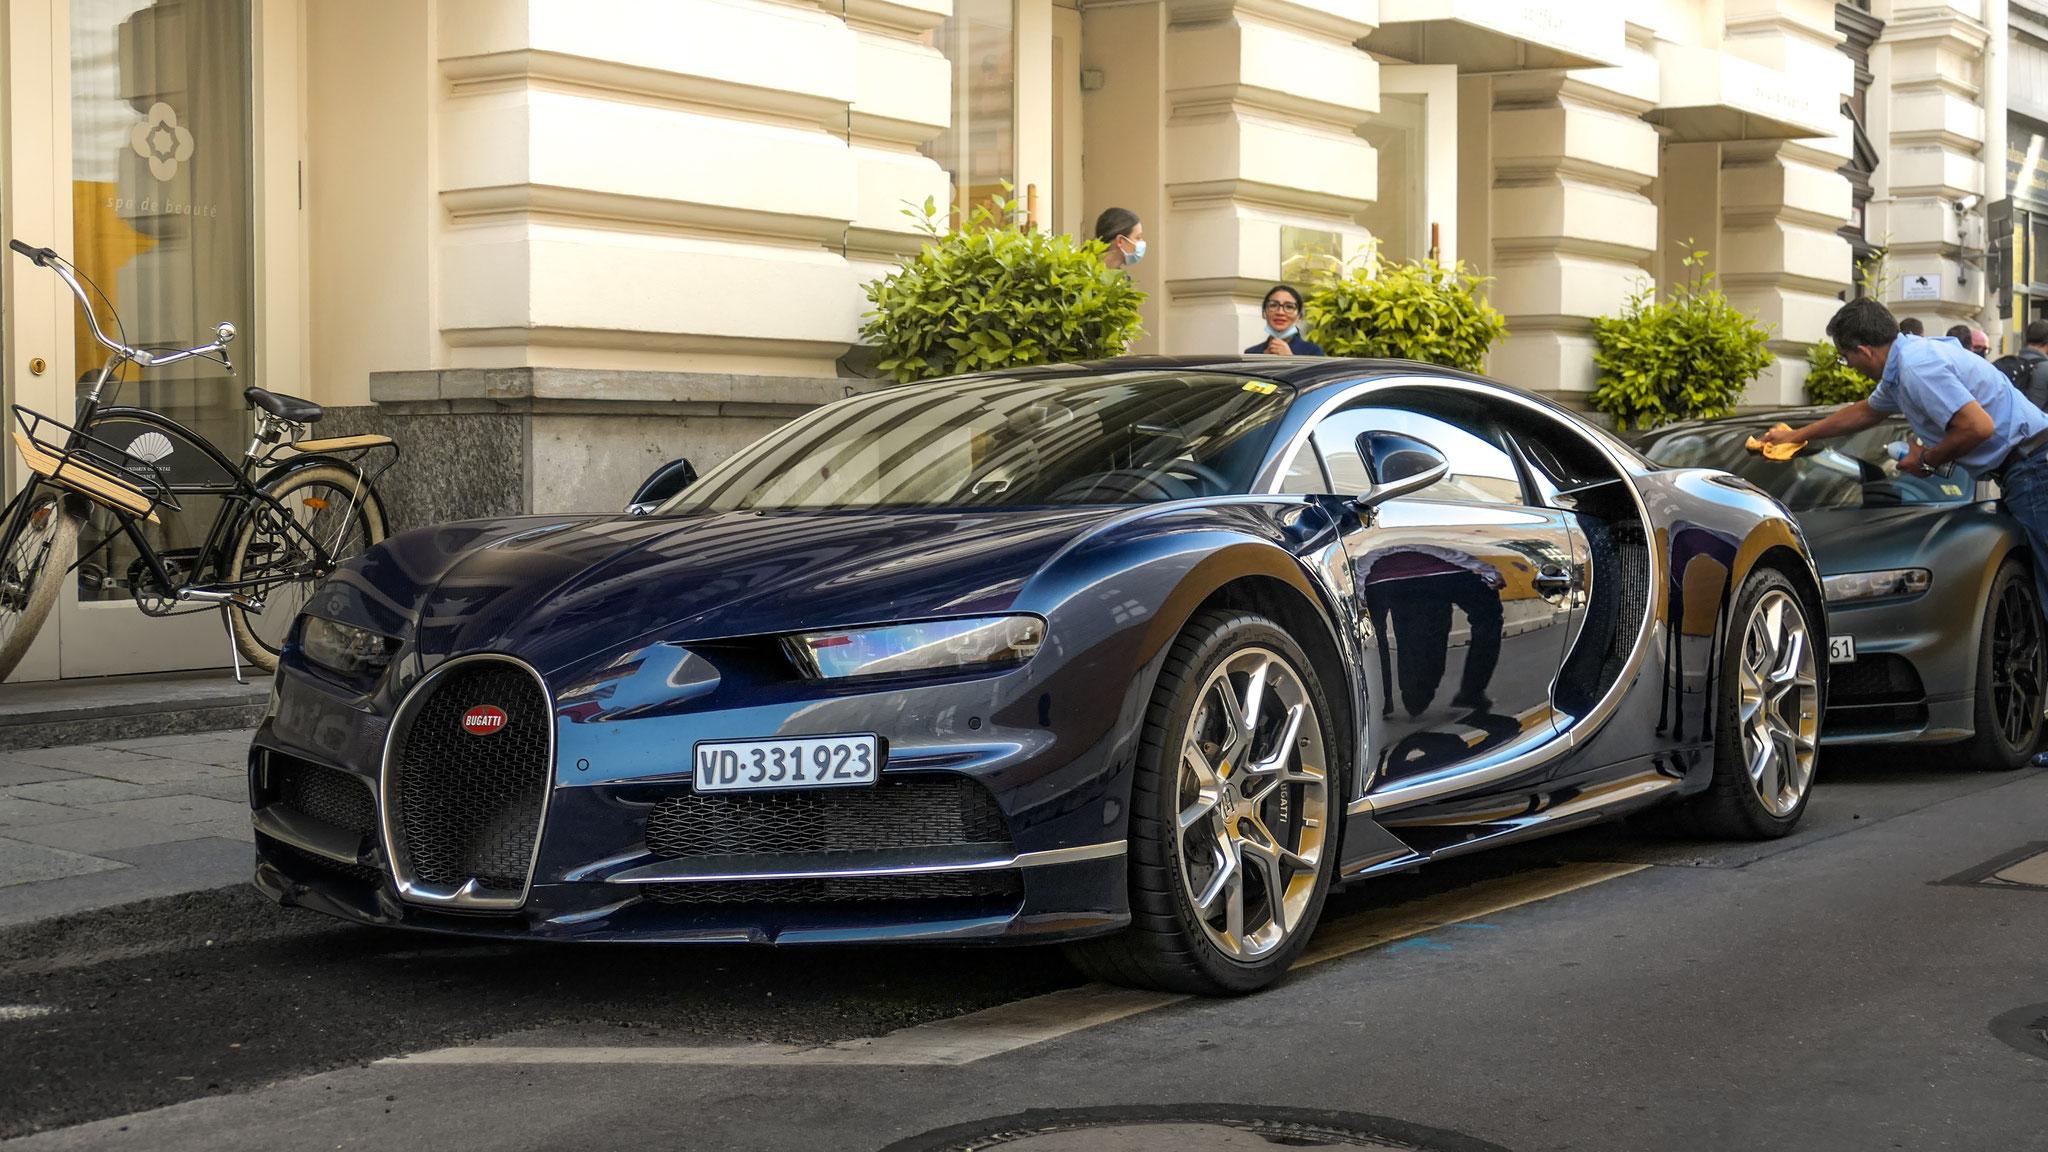 Bugatti Chiron - VD-331923 (CH)